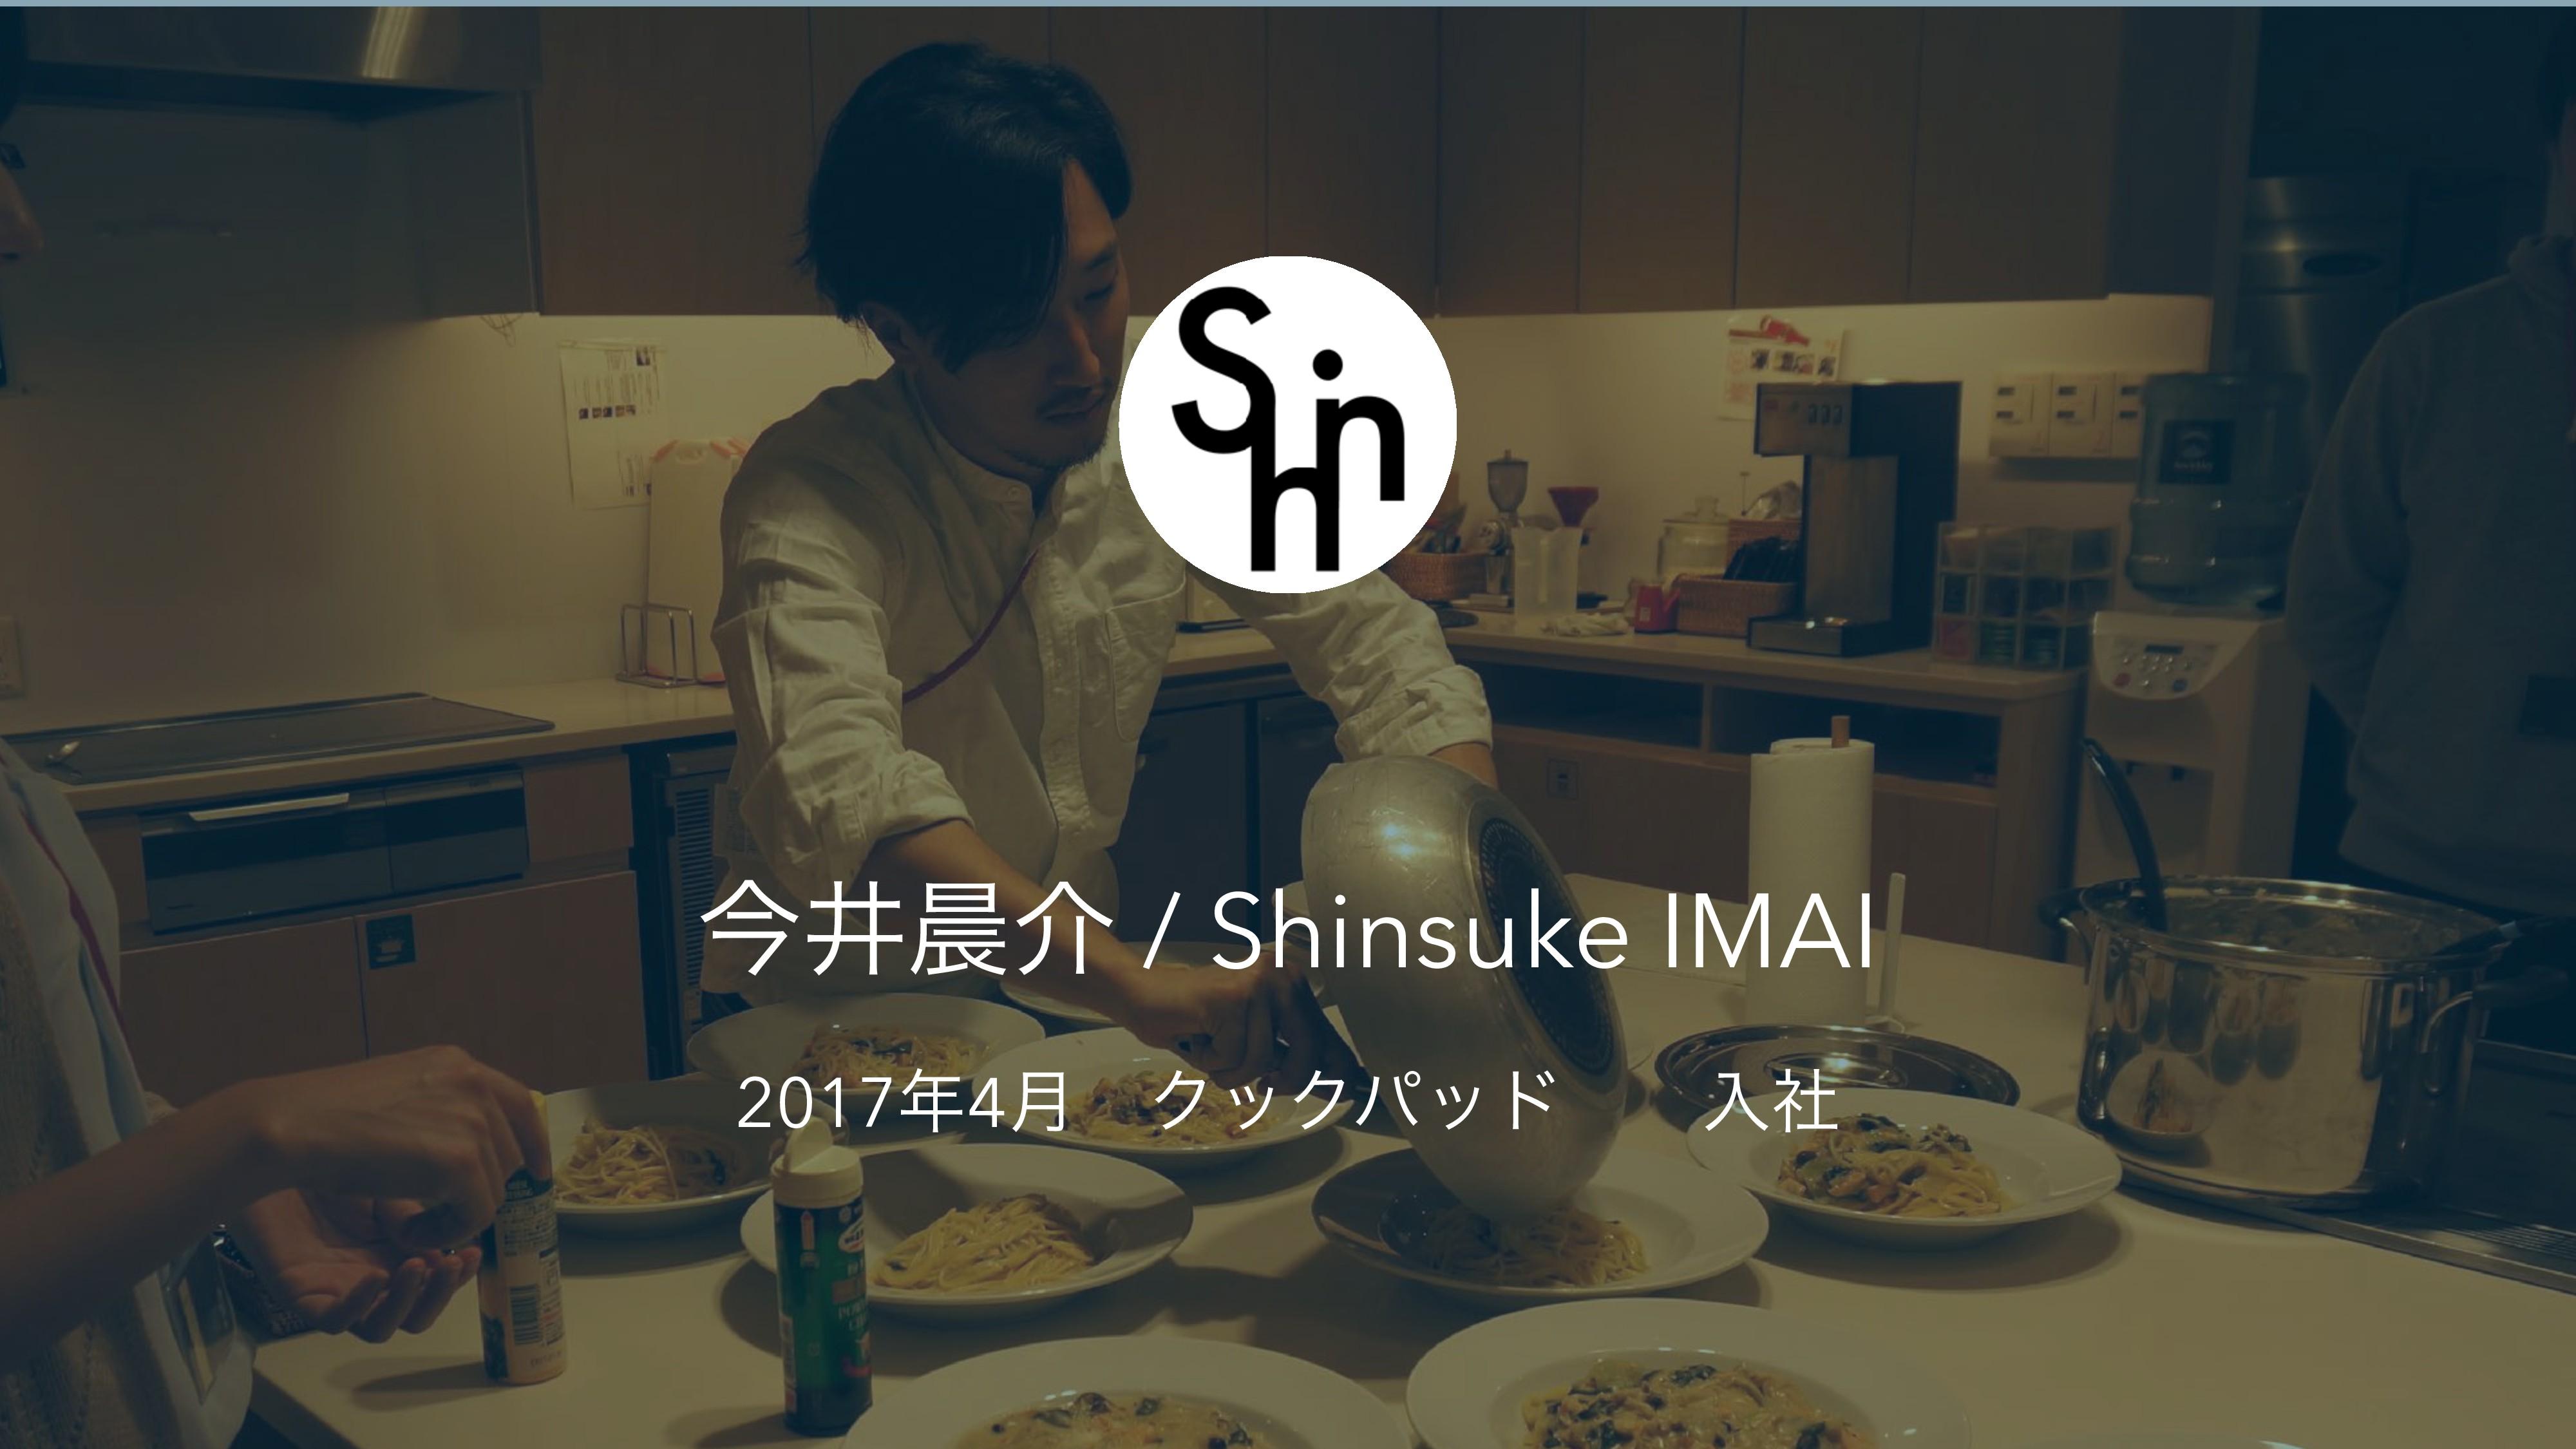 ࠓҪᏴհ / Shinsuke IMAI 20174݄ɹΫοΫύουɹɹೖࣾ